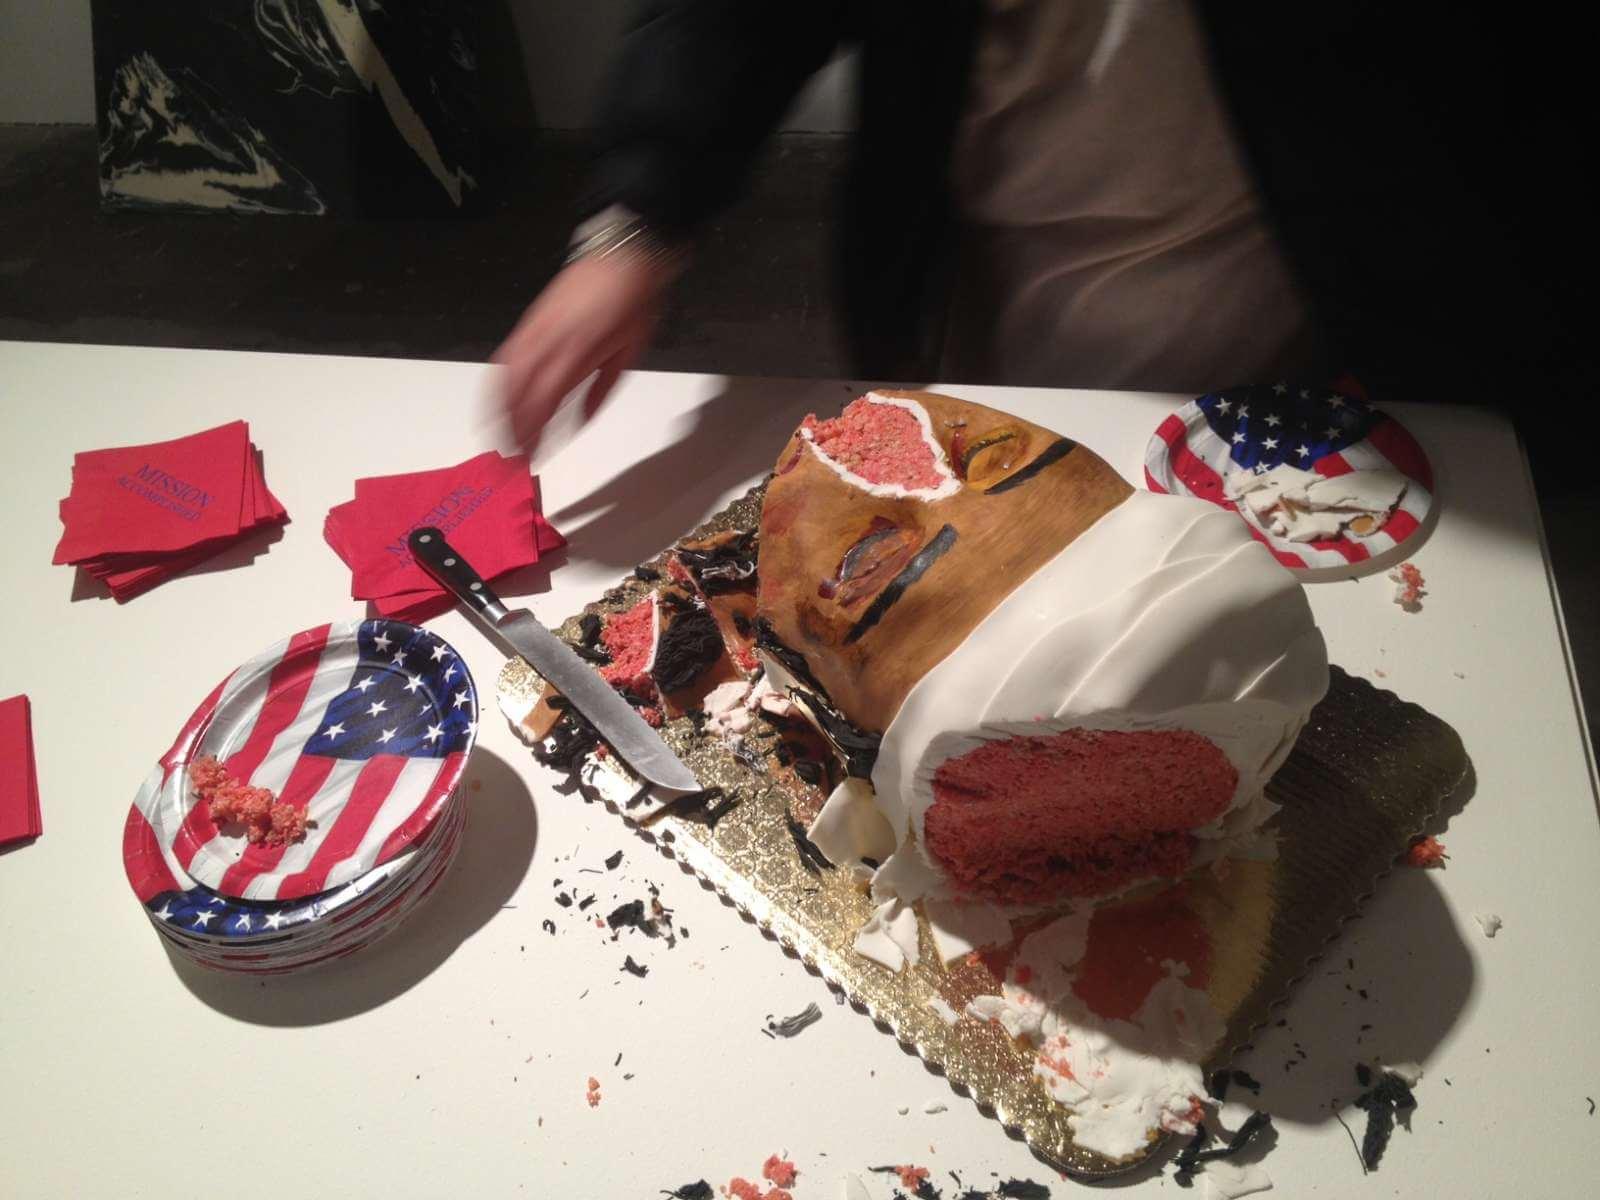 Osama Bin Laden cake